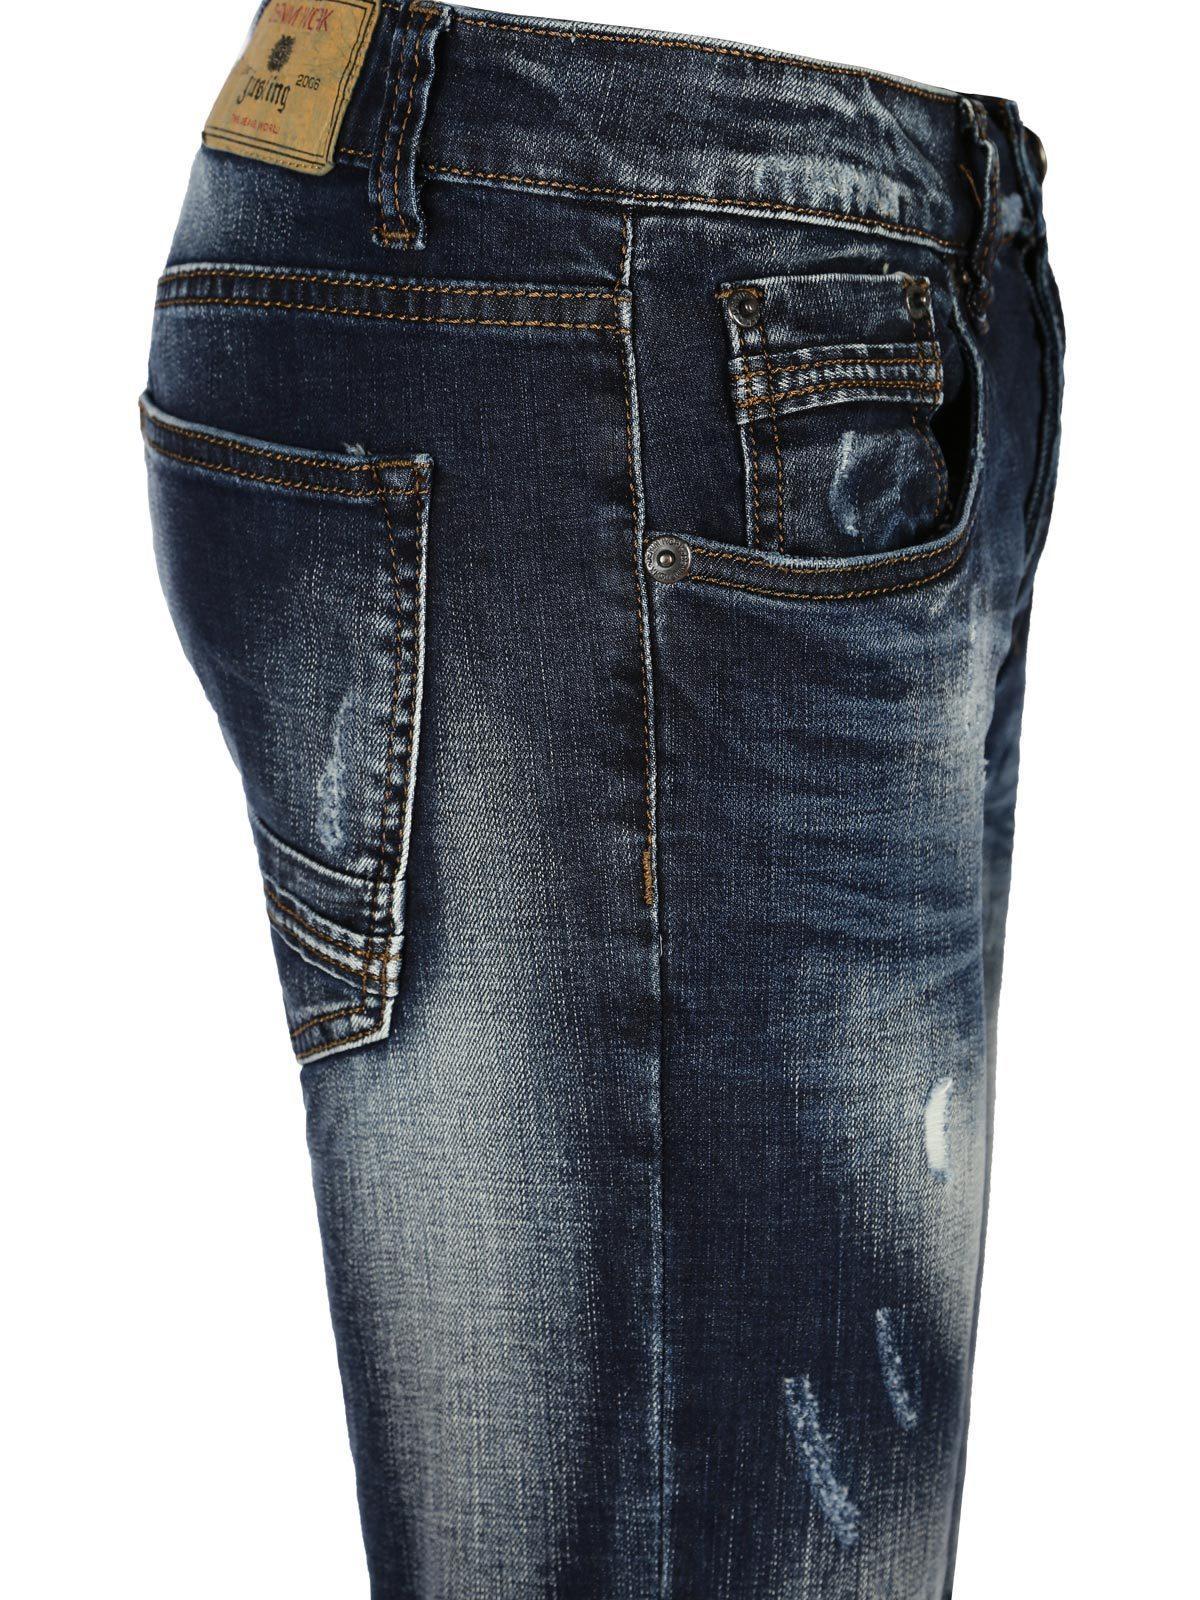 ccdf5a3f3629 Pantalones vaqueros lavados con rasgaduras hombre | MecShopping